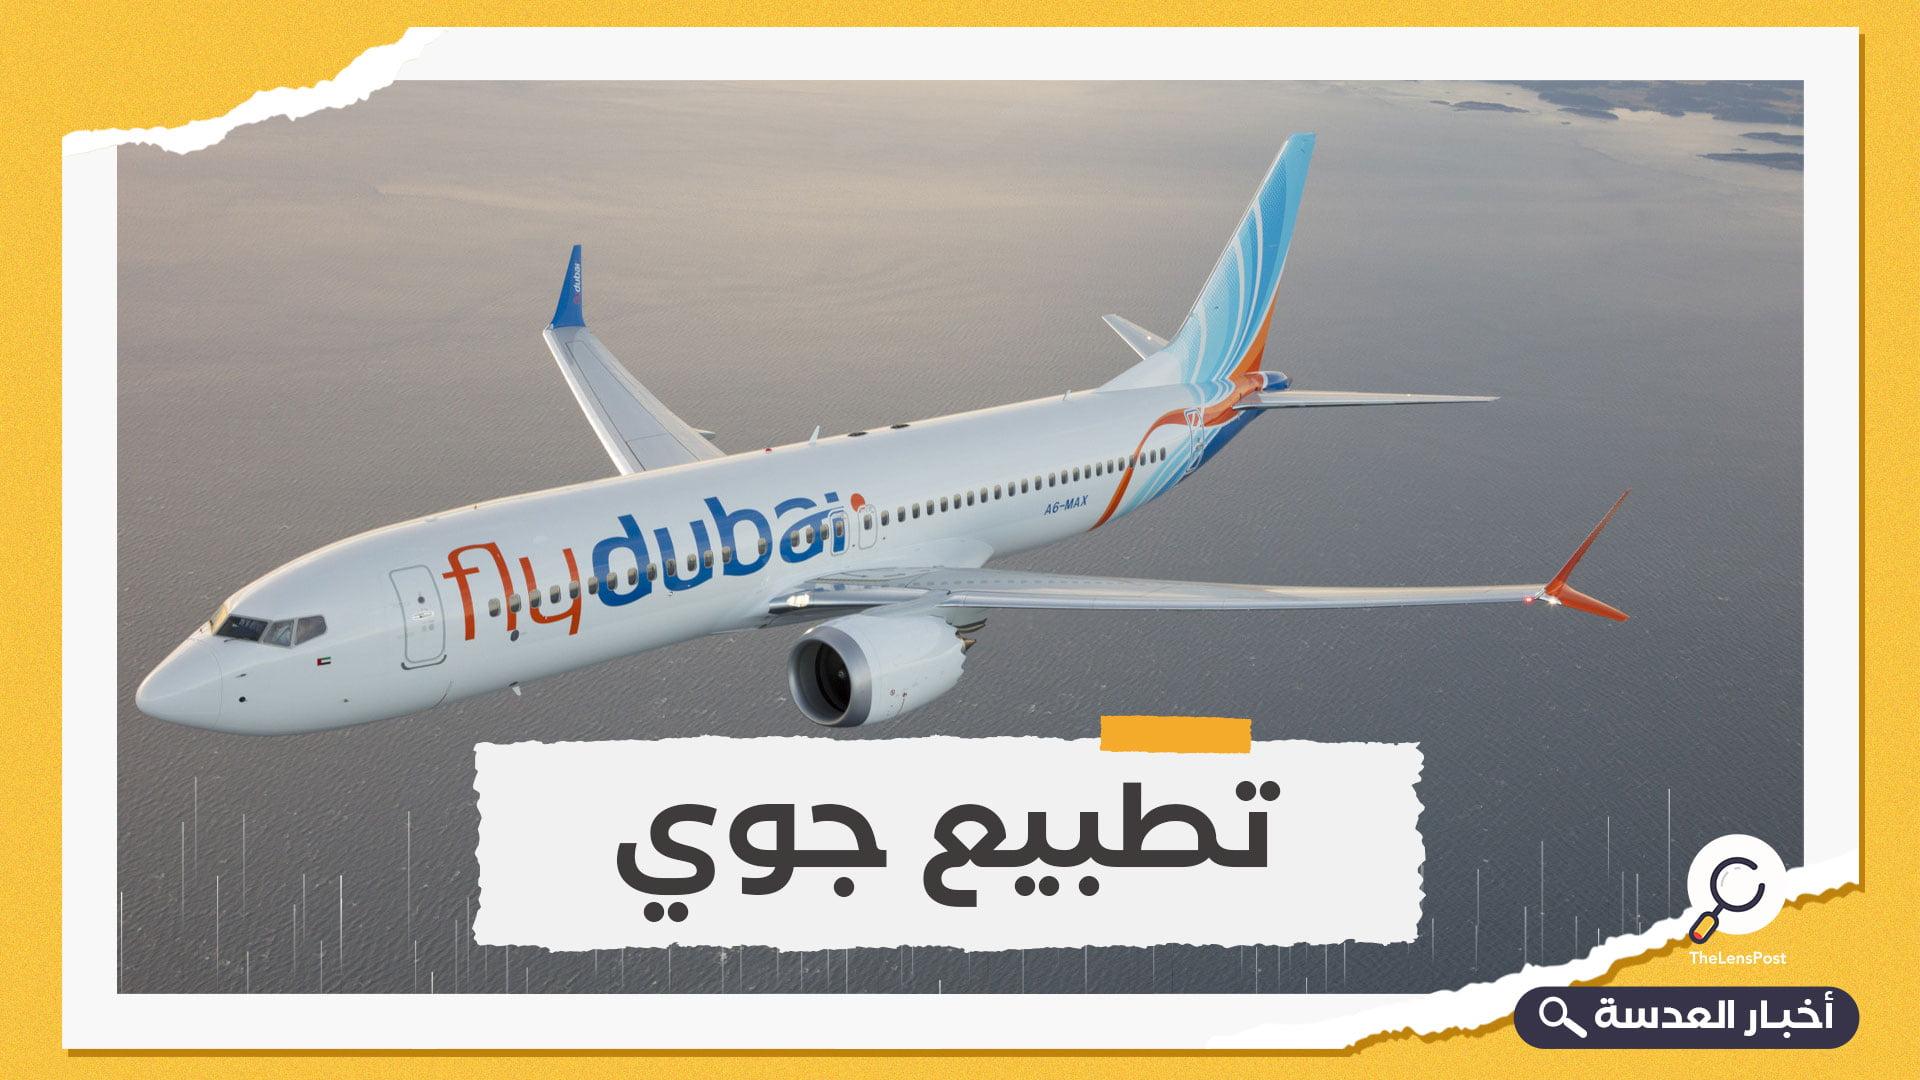 للمرة الأولى.. طائرة فلاي دبي الإماراتية تحط بمطار بن جوريون في تل أبيب